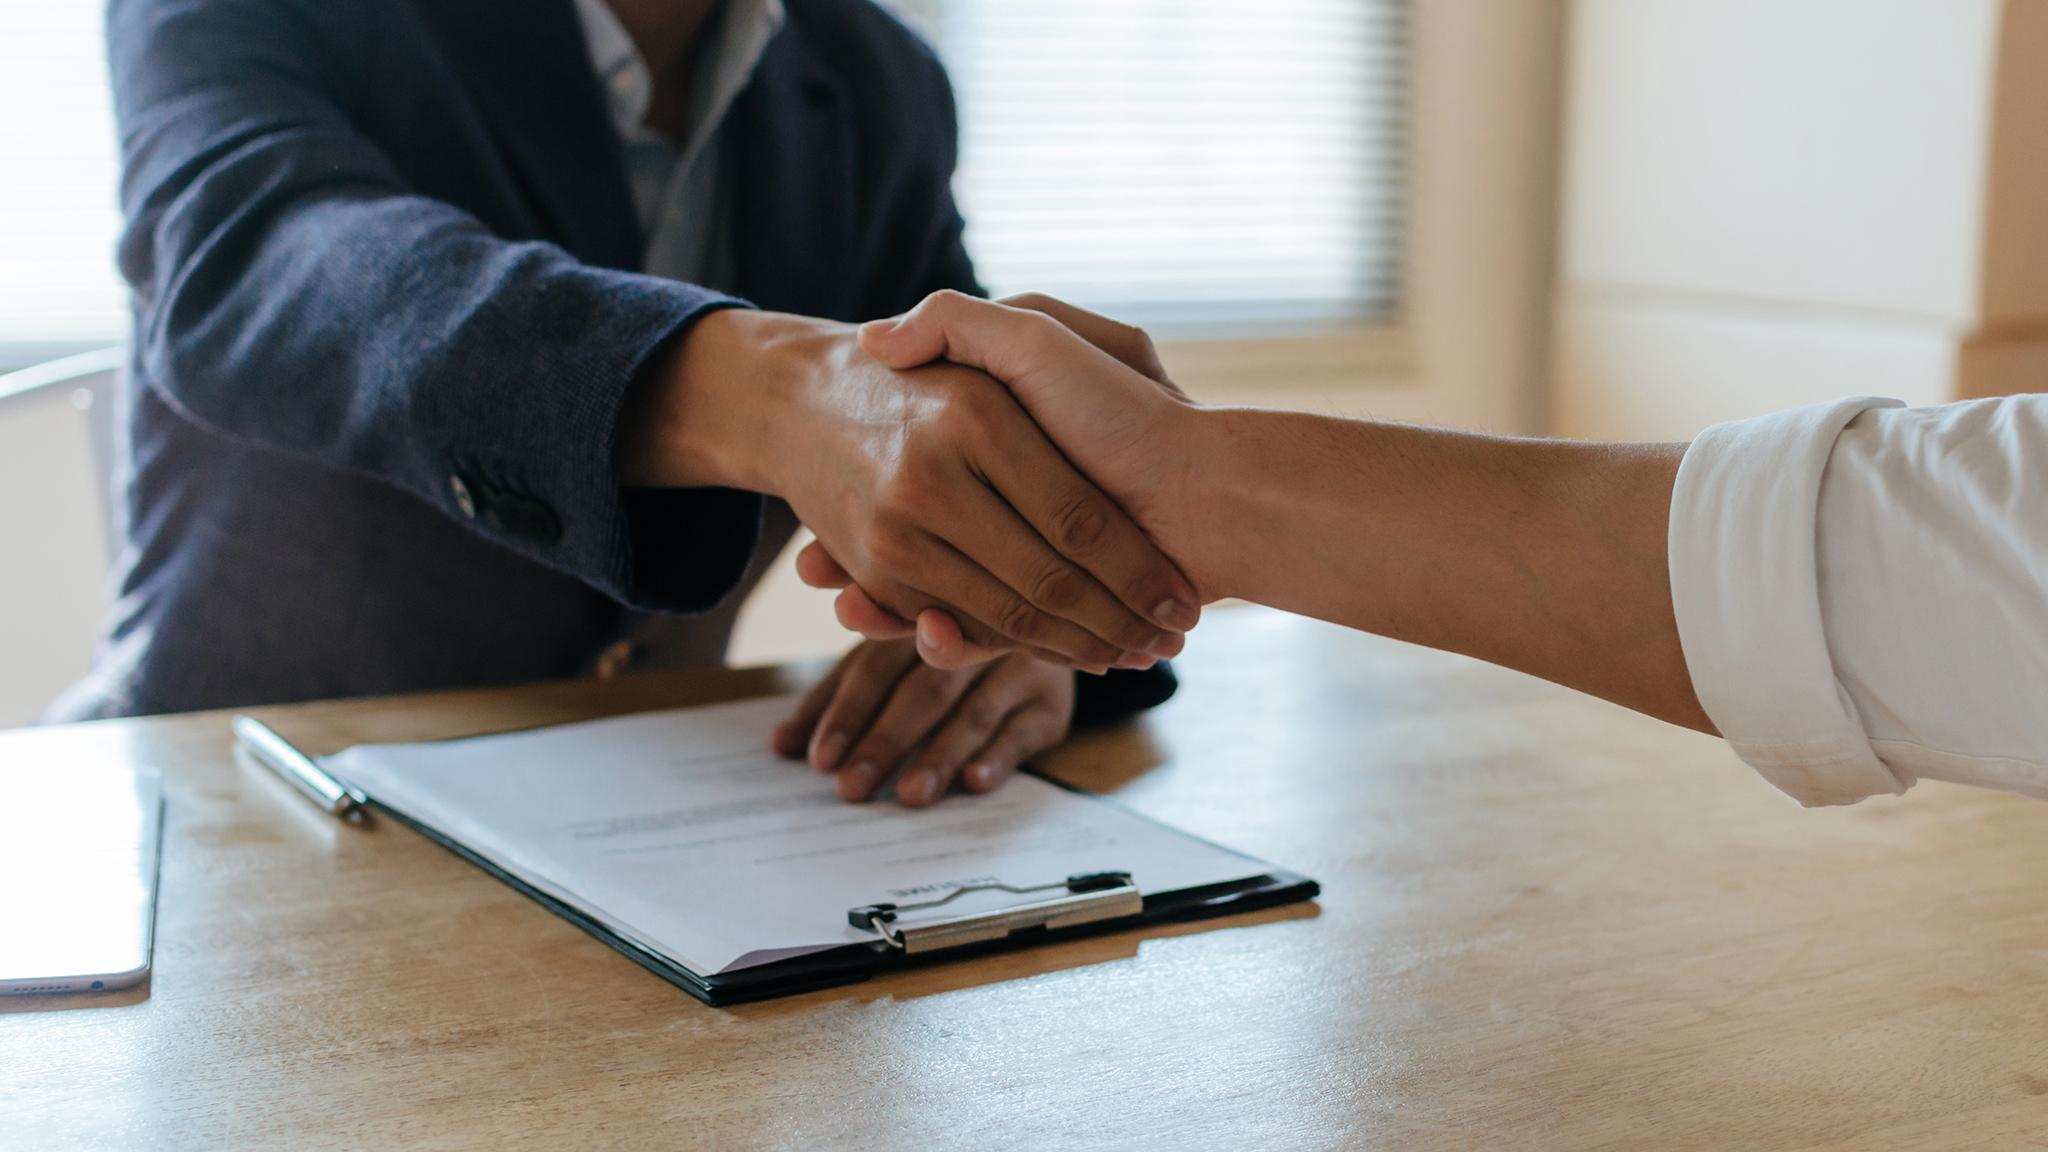 現職におけるベストな転職のタイミングの見つけ方や作り方